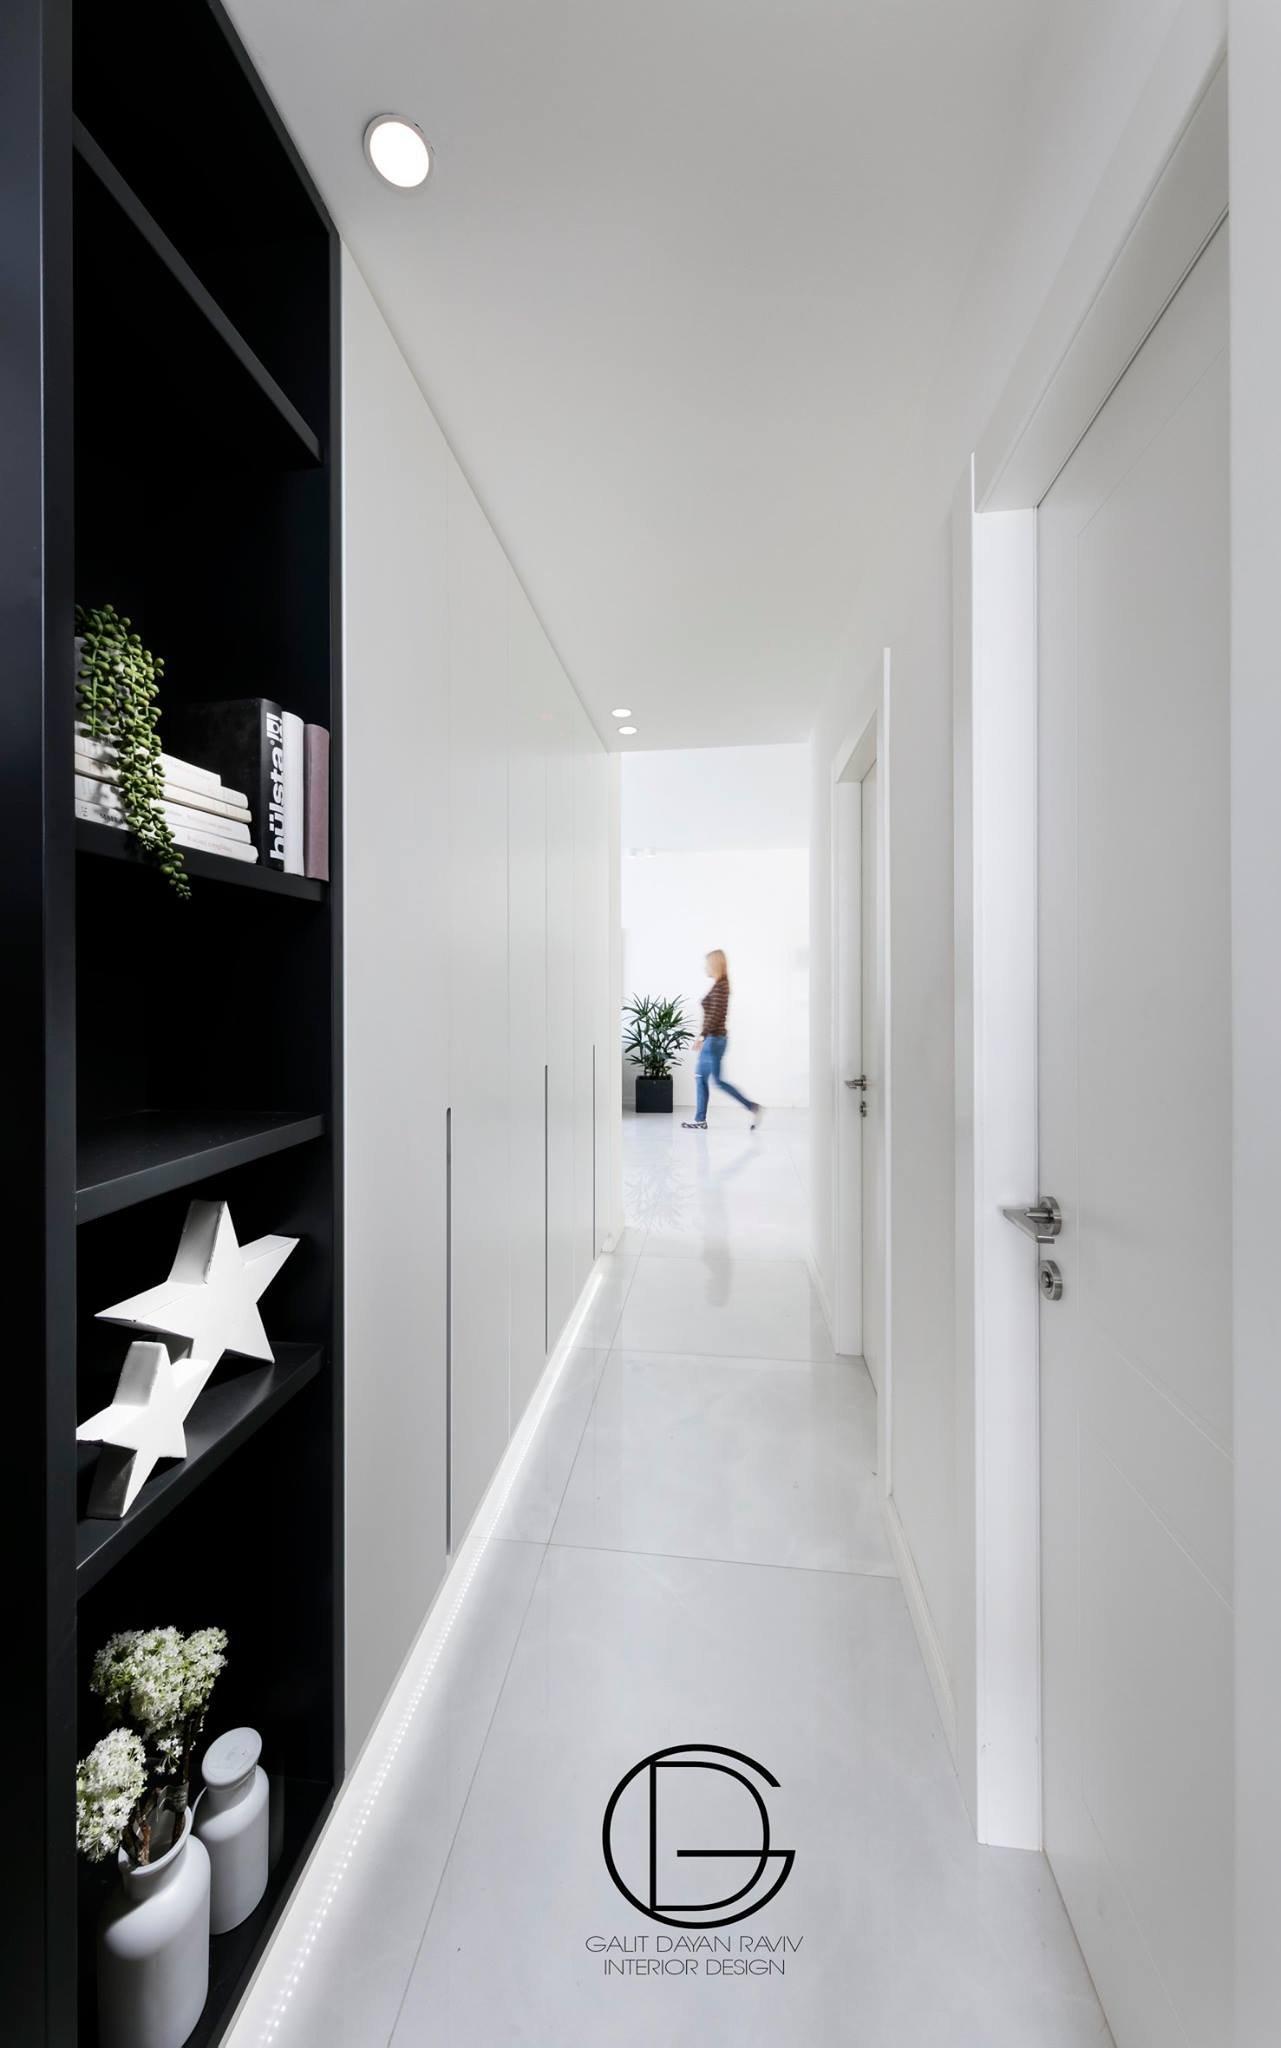 ארון במקום מסדרון  עם תאורת לד מתחת שמאירה את כל הדרך לחדרים  בעדינות